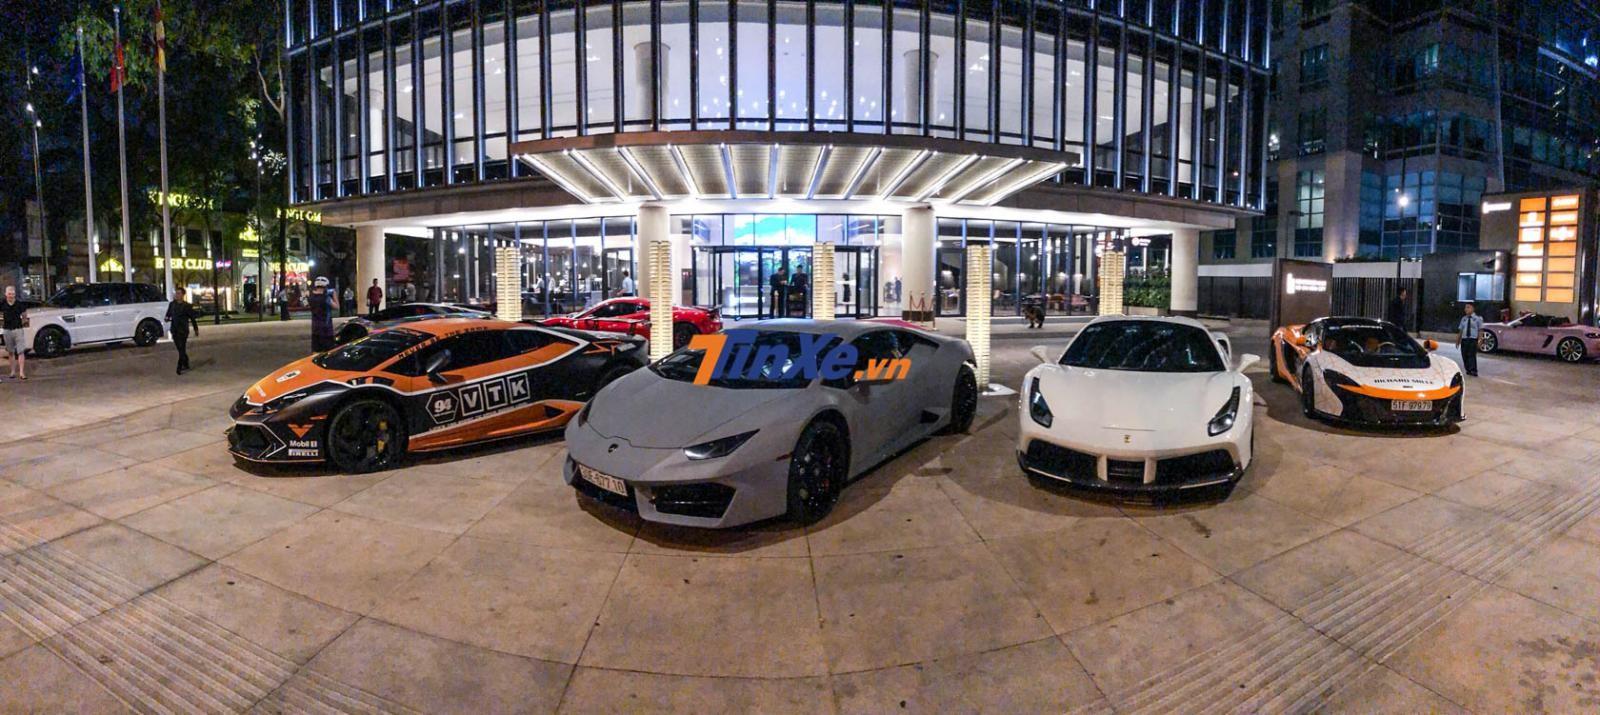 Để chuẩn bị đi dự tiệc khai trương đại lý Aston Martin Việt Nam, chủ nhân của 2 chiếc Lamborghini Huracan đã dán đổi màu ngoại thất